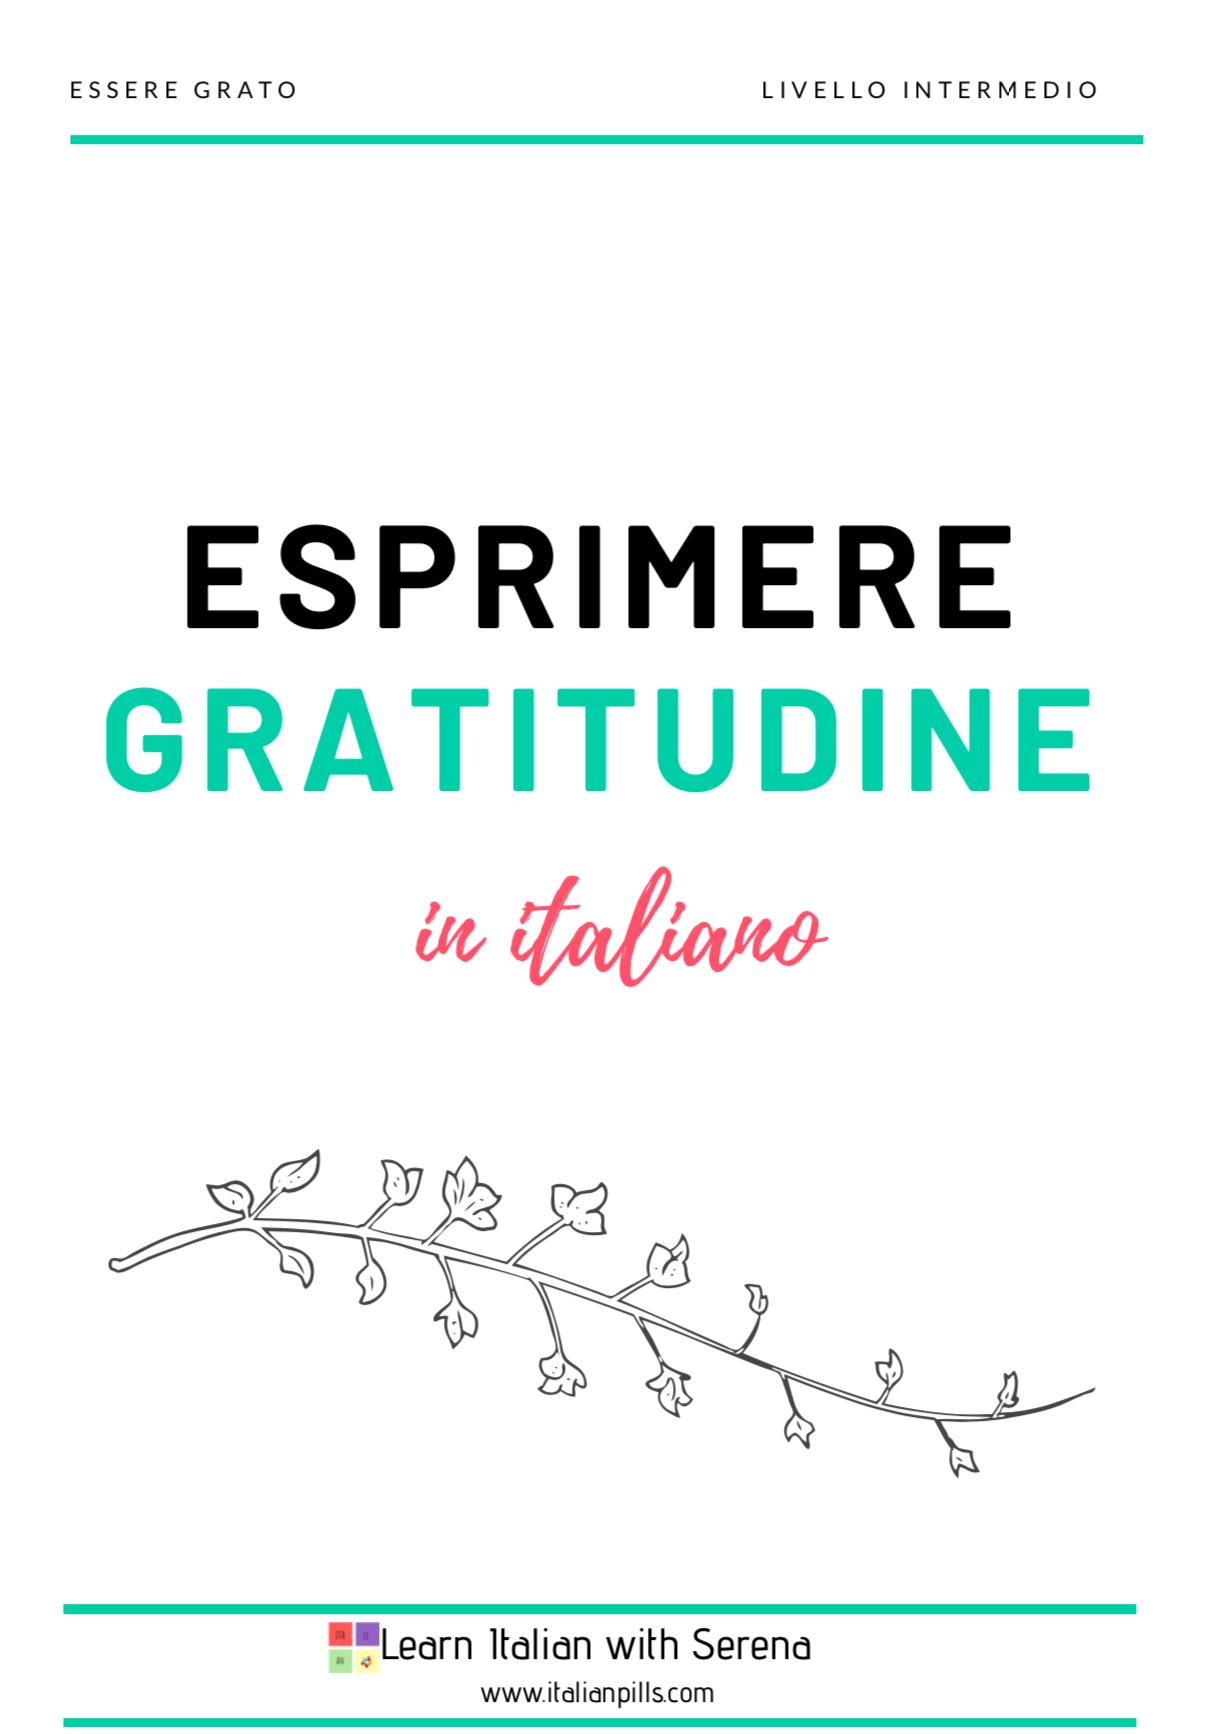 Esprimere gratitudine: perché è importante? (livello intermedio)